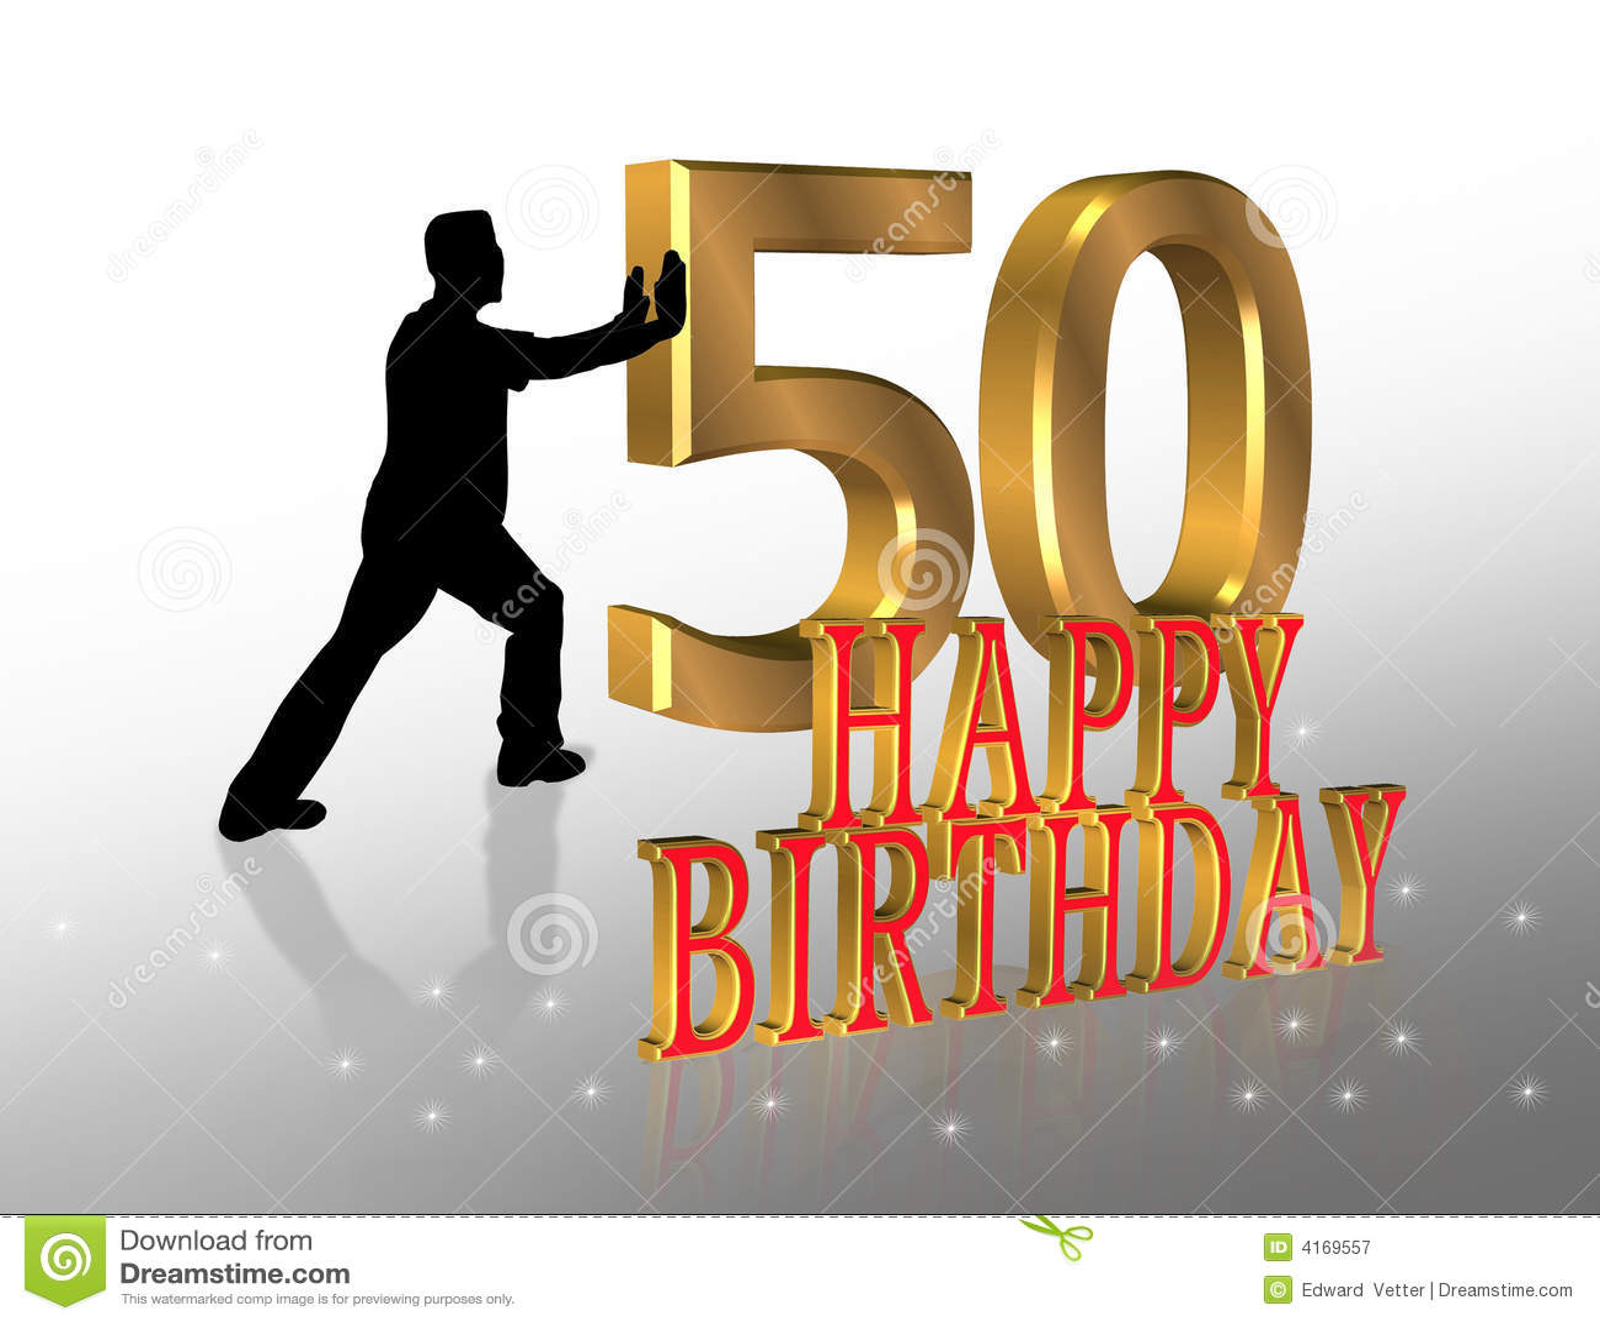 50 Kartkę Urodzinową Zaproszenie Ilustracji Ilustracja